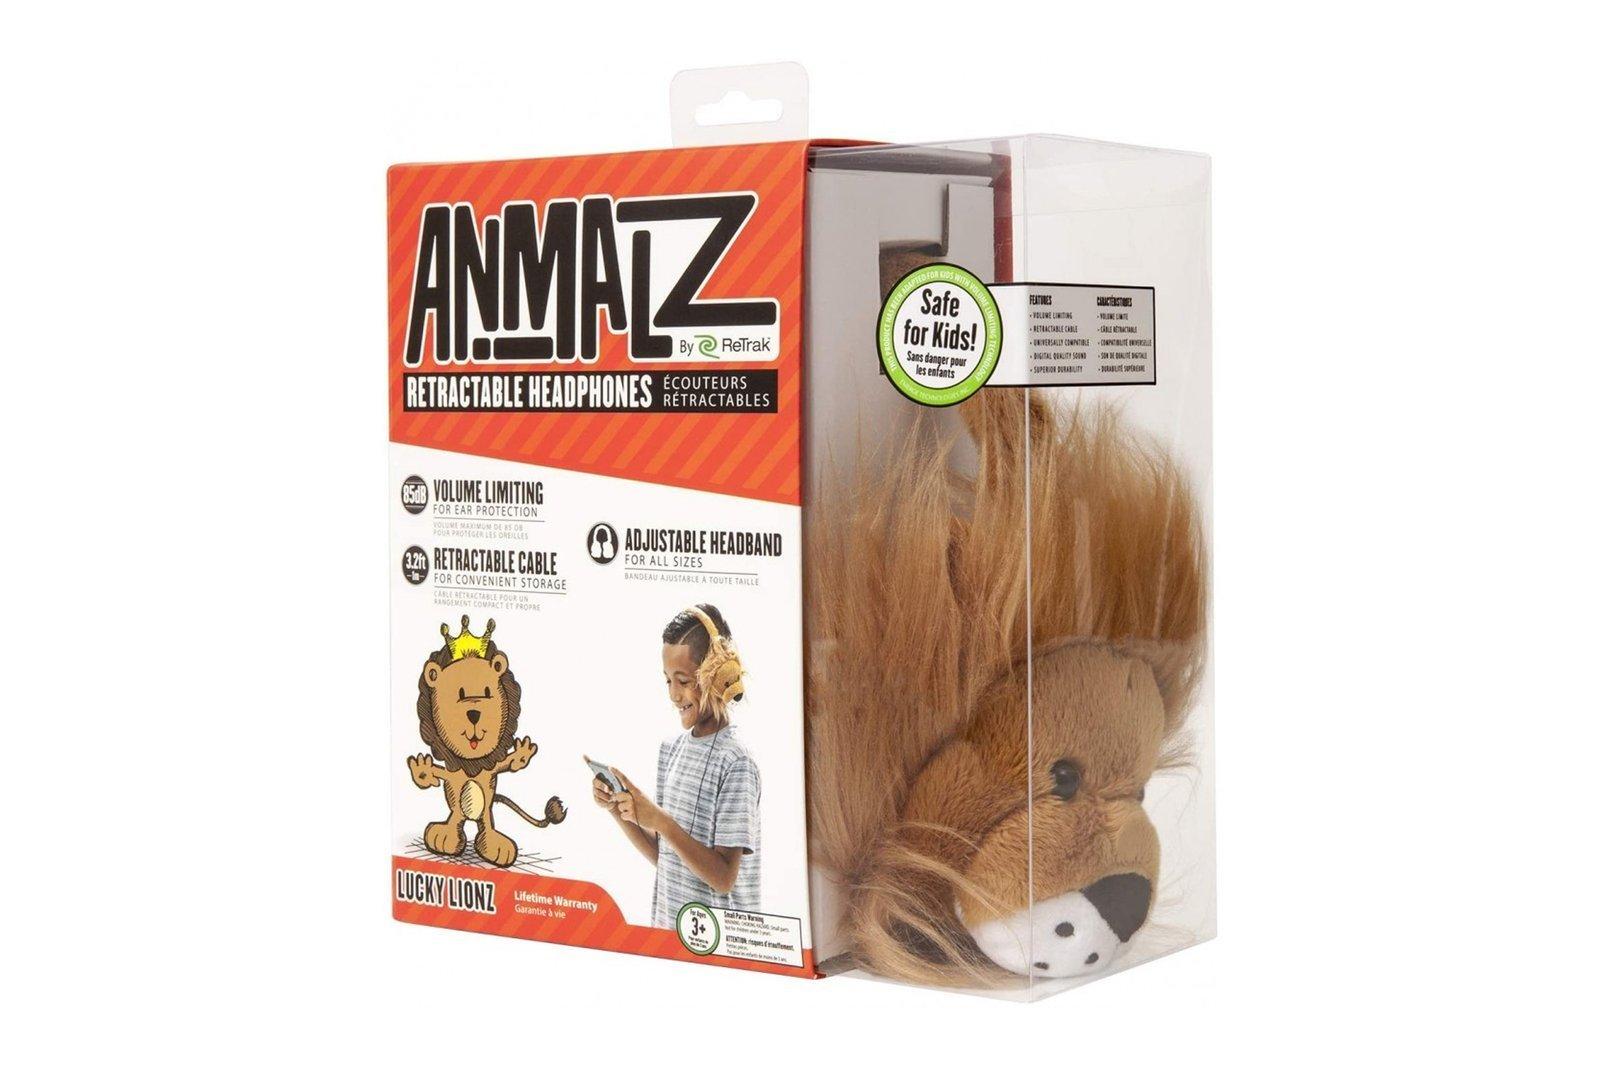 Animalz by ReTrak Lion Wired On-Ear Headphones